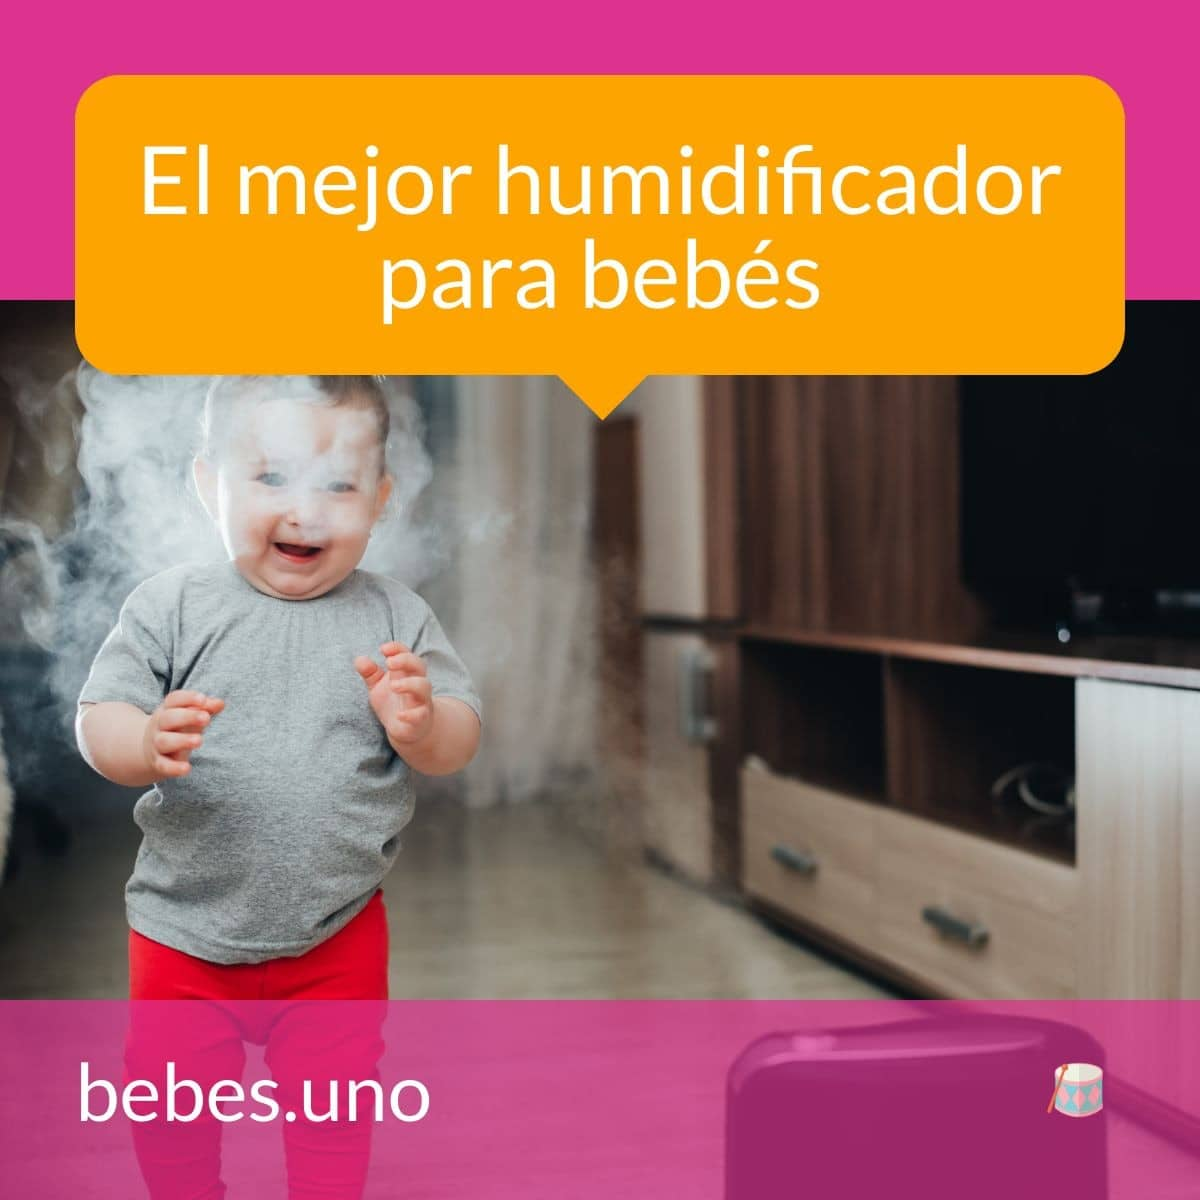 El mejor humidificador para bebés